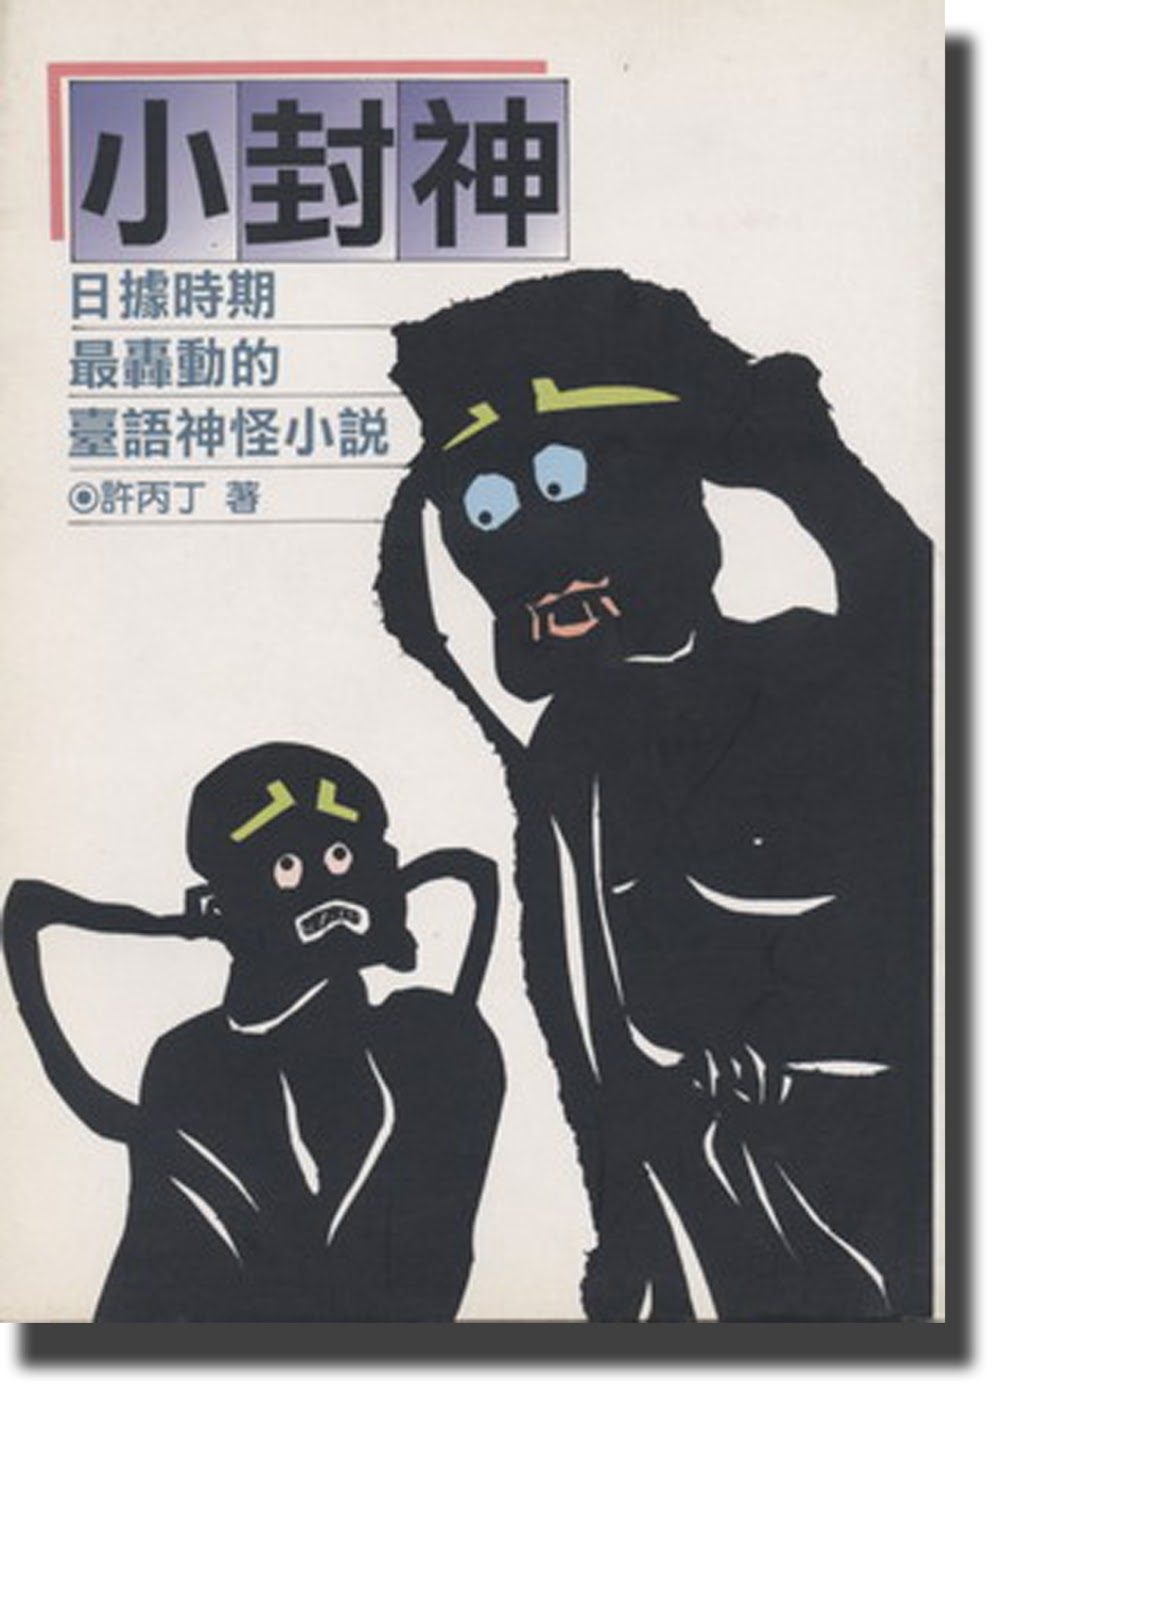 臺南教師甄試-文史學習: 曾著有《小封神》臺語章回小說並擔任過臺南市議員者為